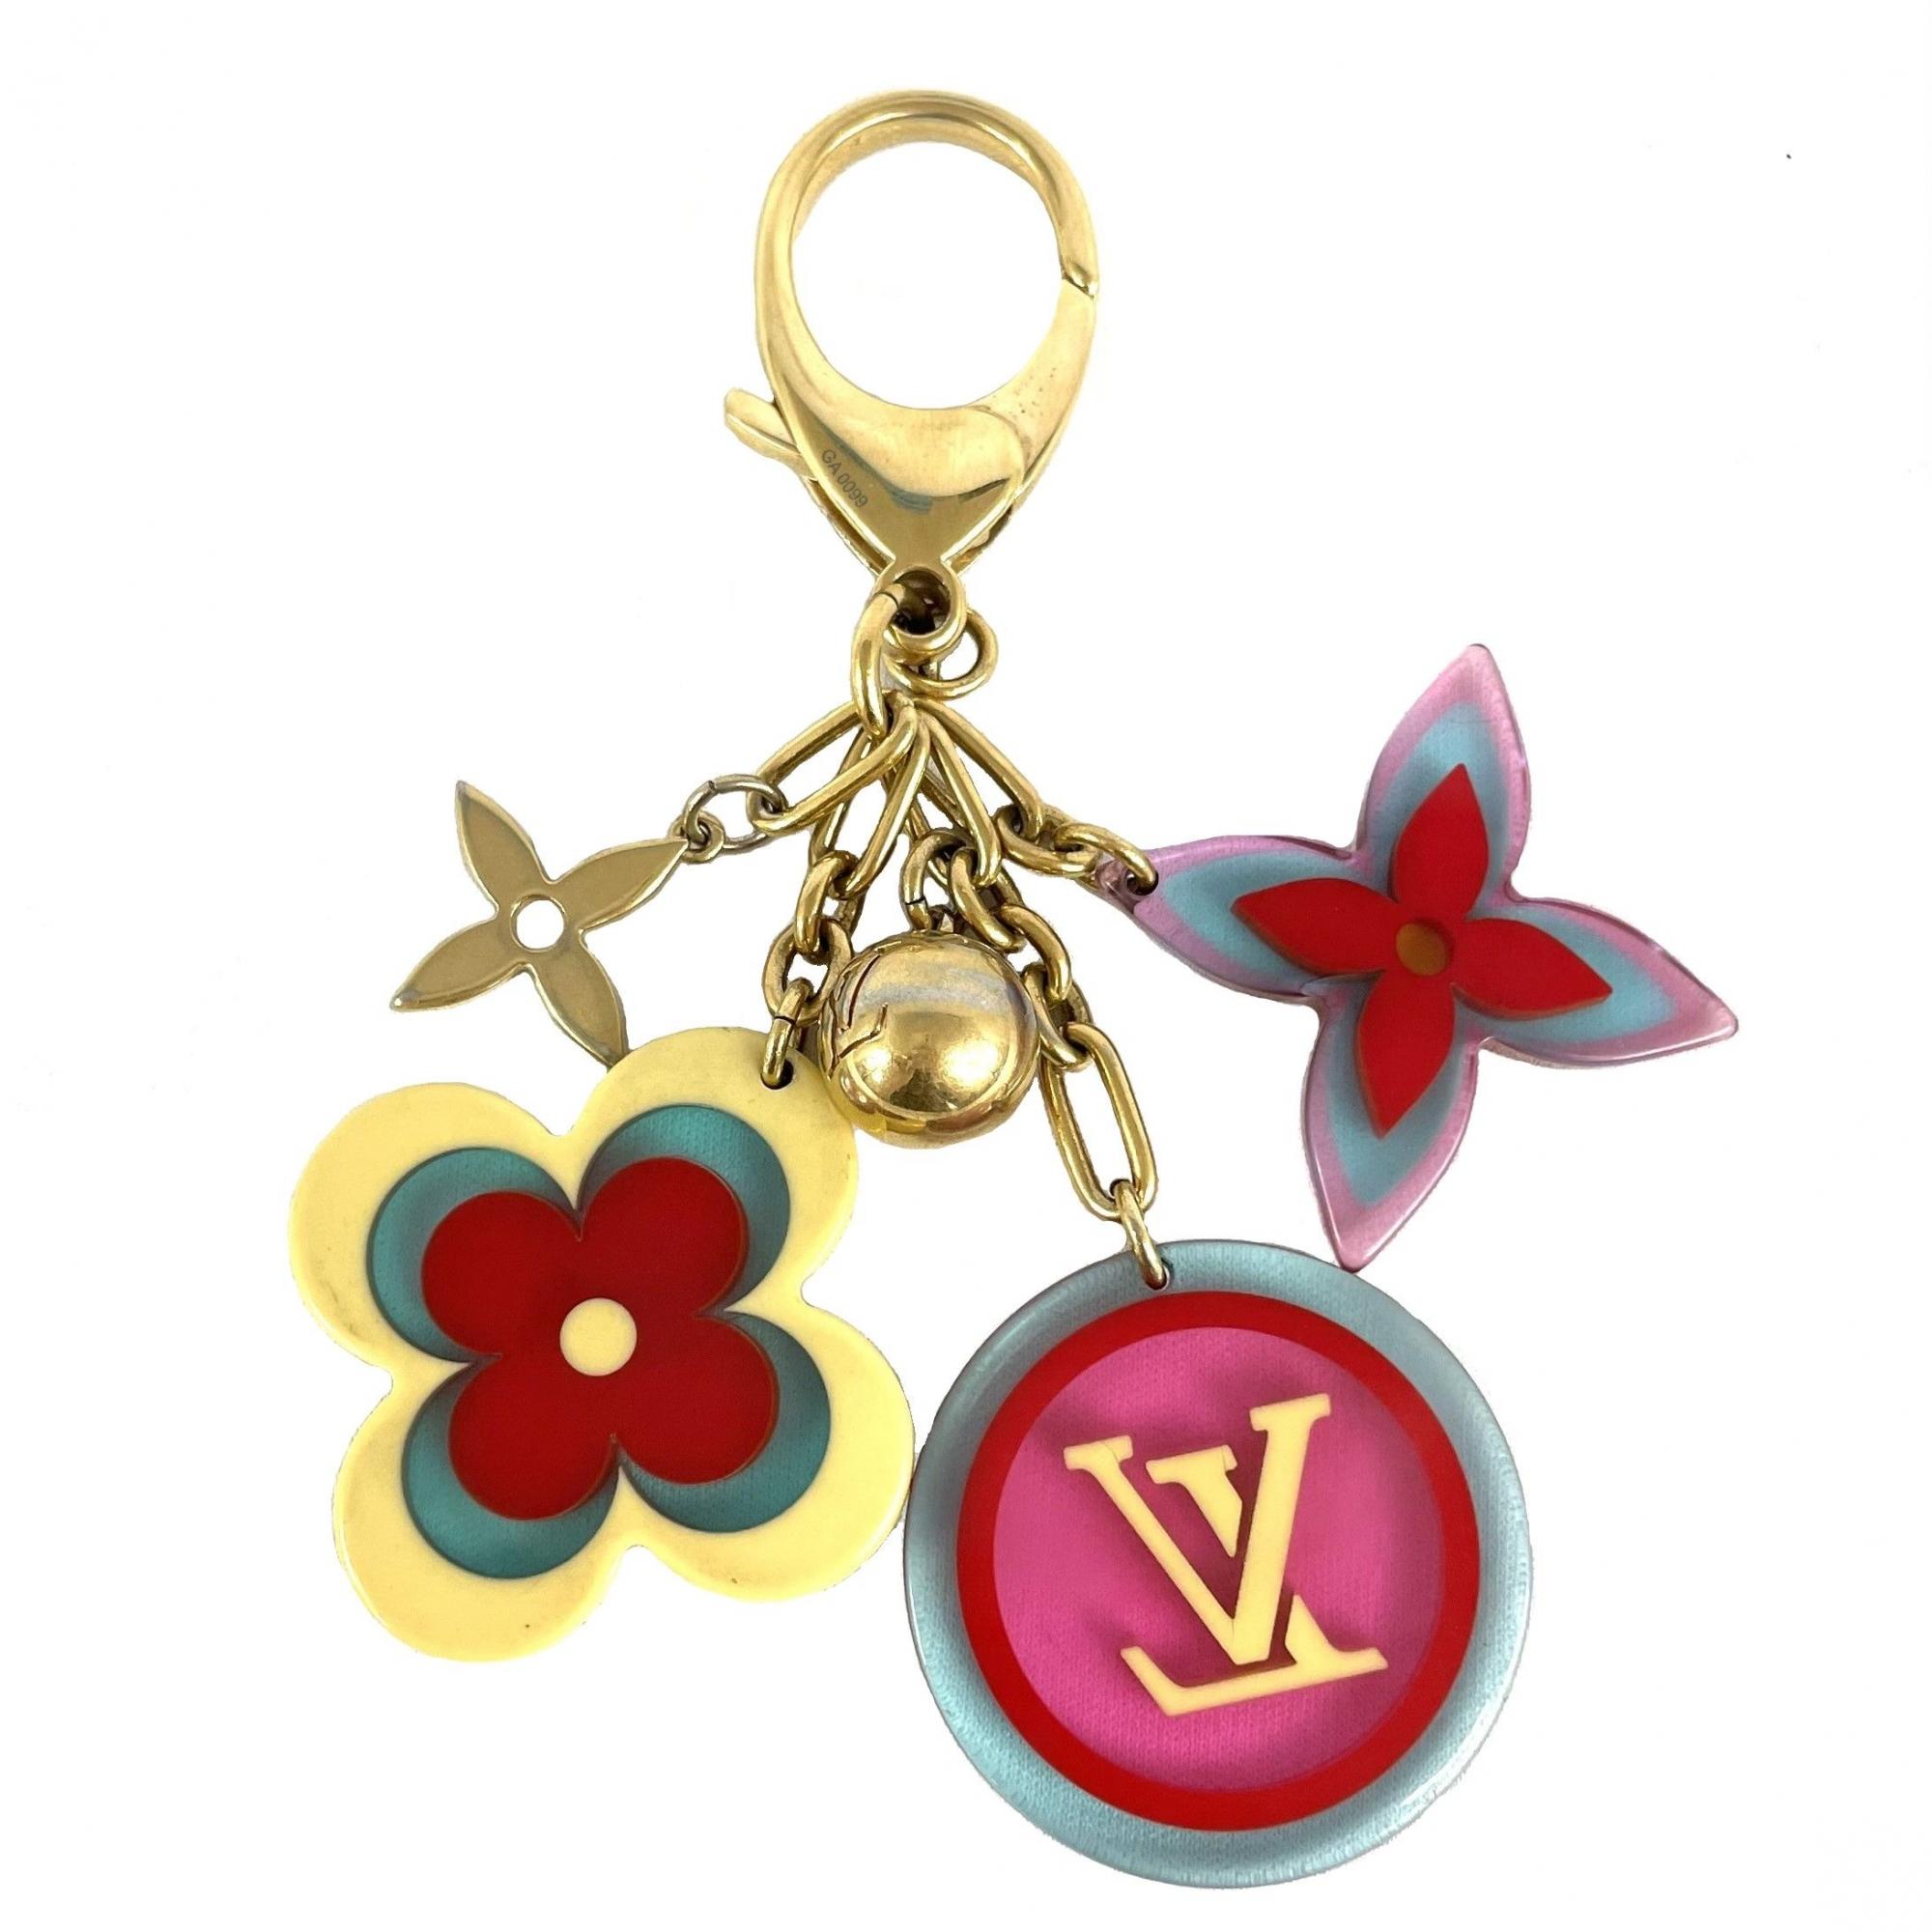 Chaveiro Louis Vuitton Candy Monograma